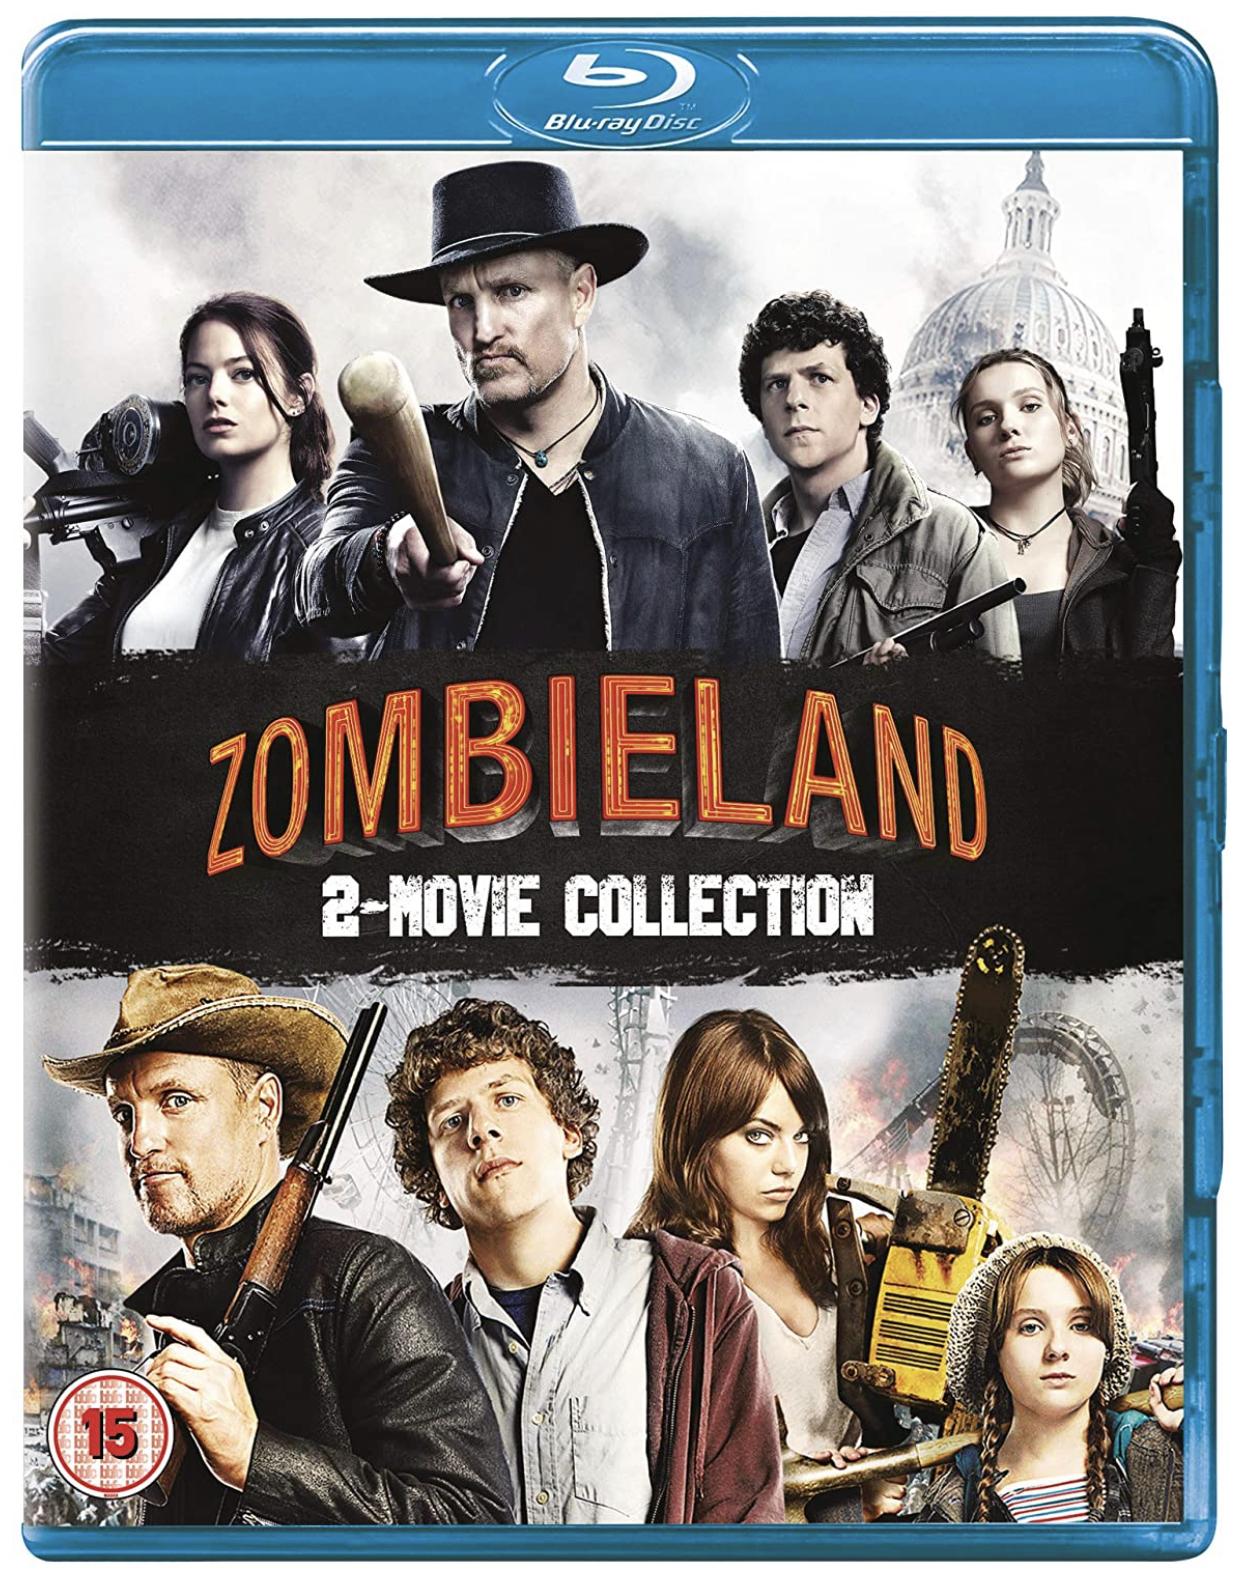 Zombieland & Zombieland: Double Tap (Blu-Ray) - £7.99 @ Amazon (£10.98 non prime)